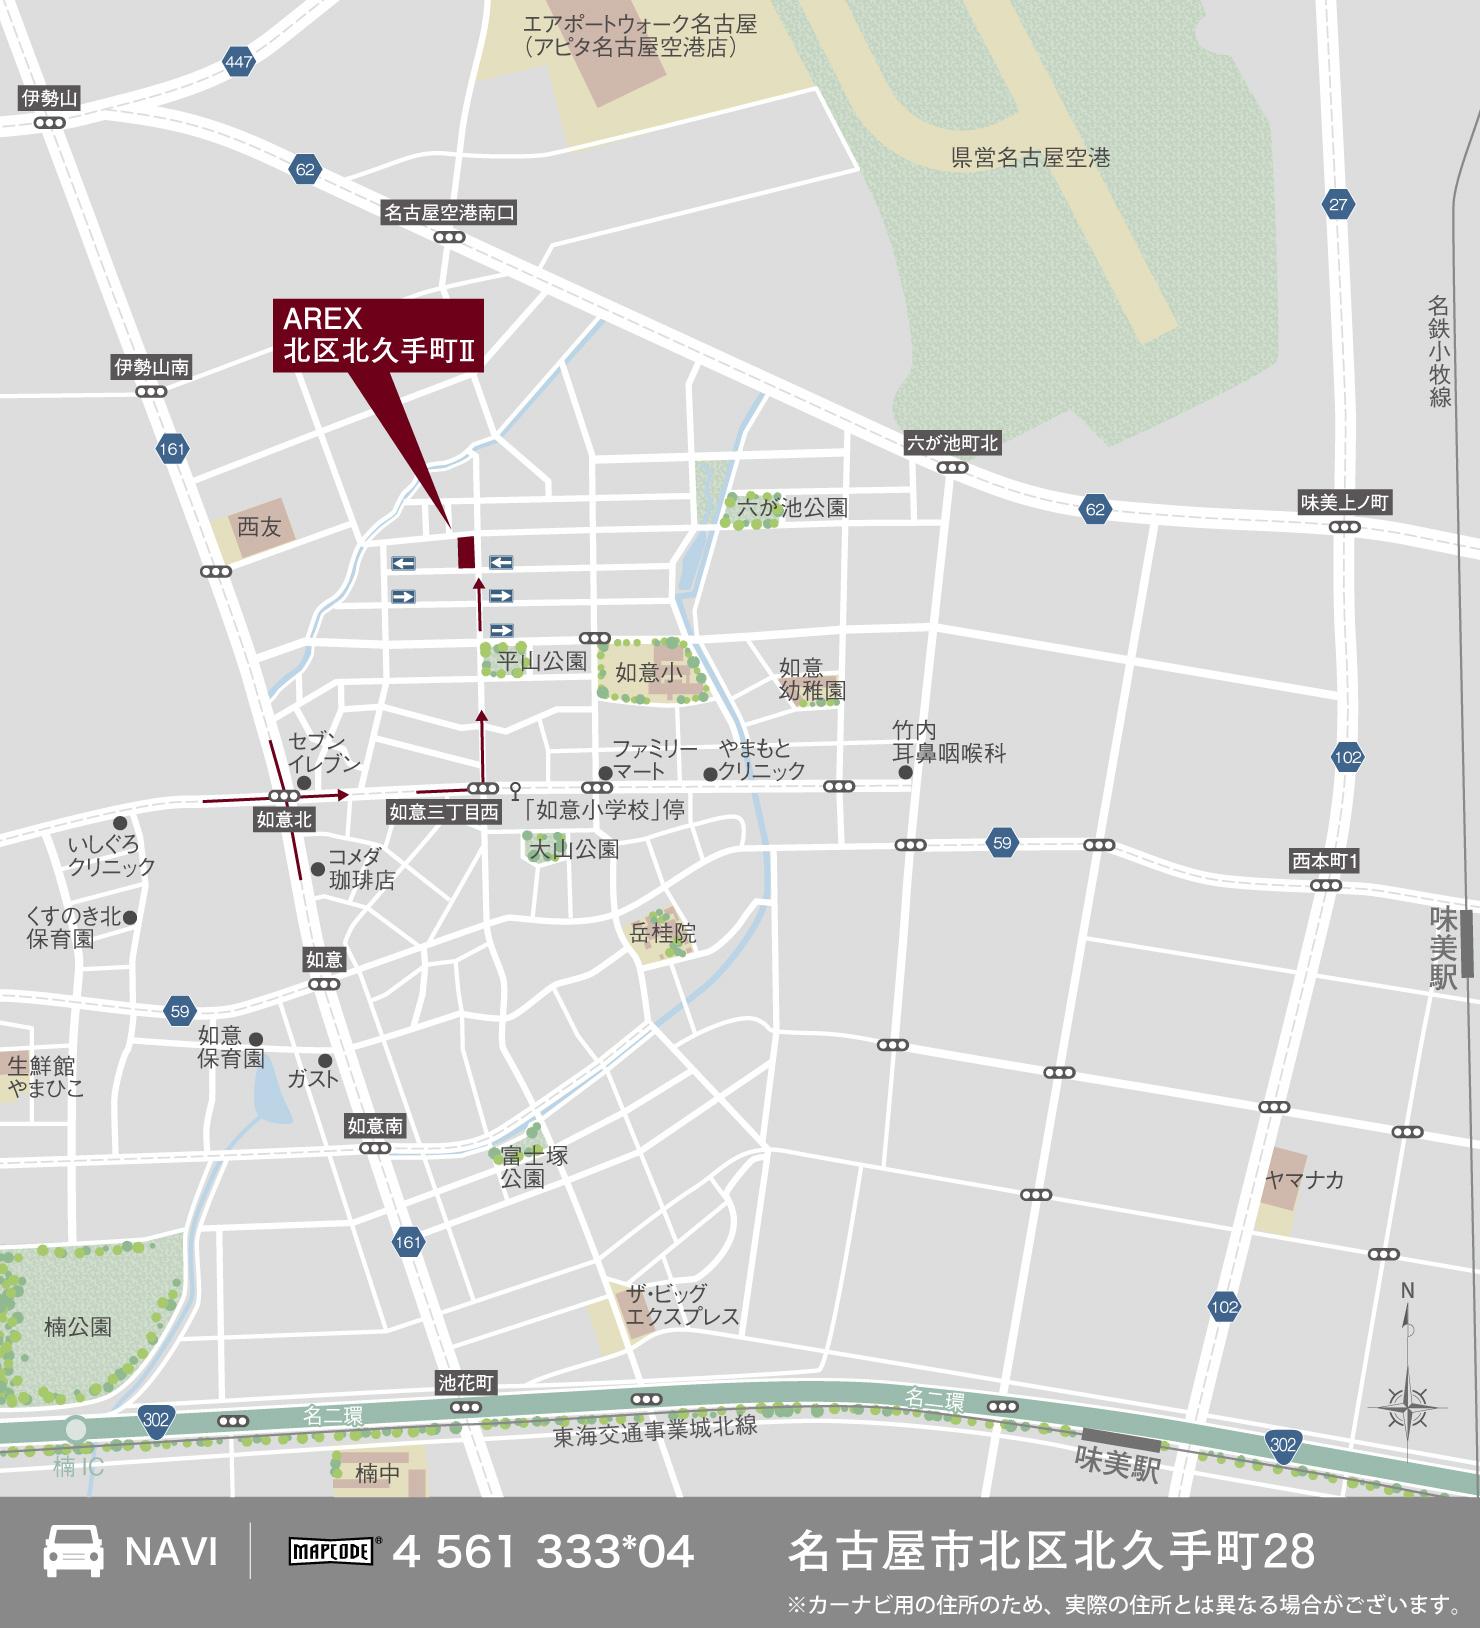 3_地図_北区北久手町2